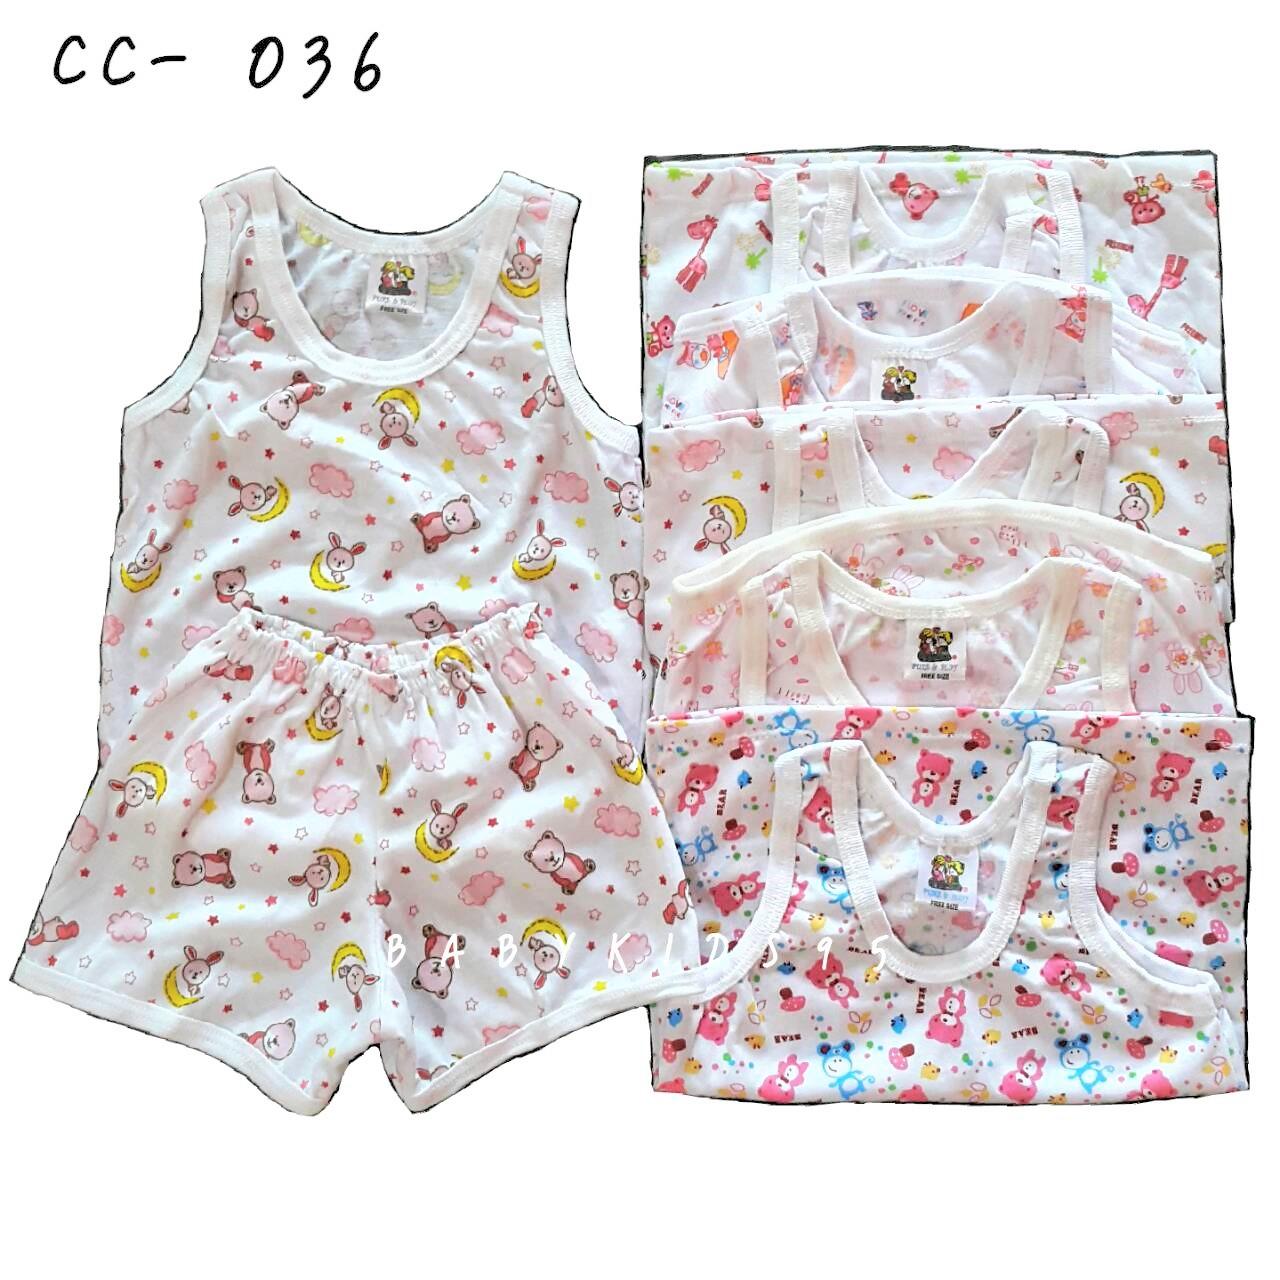 ชุดเด็กอ่อน cc-036 Size 3--6 เดือน ผ้ายืดนิ่ม เซ็ท 7 ชิ้น